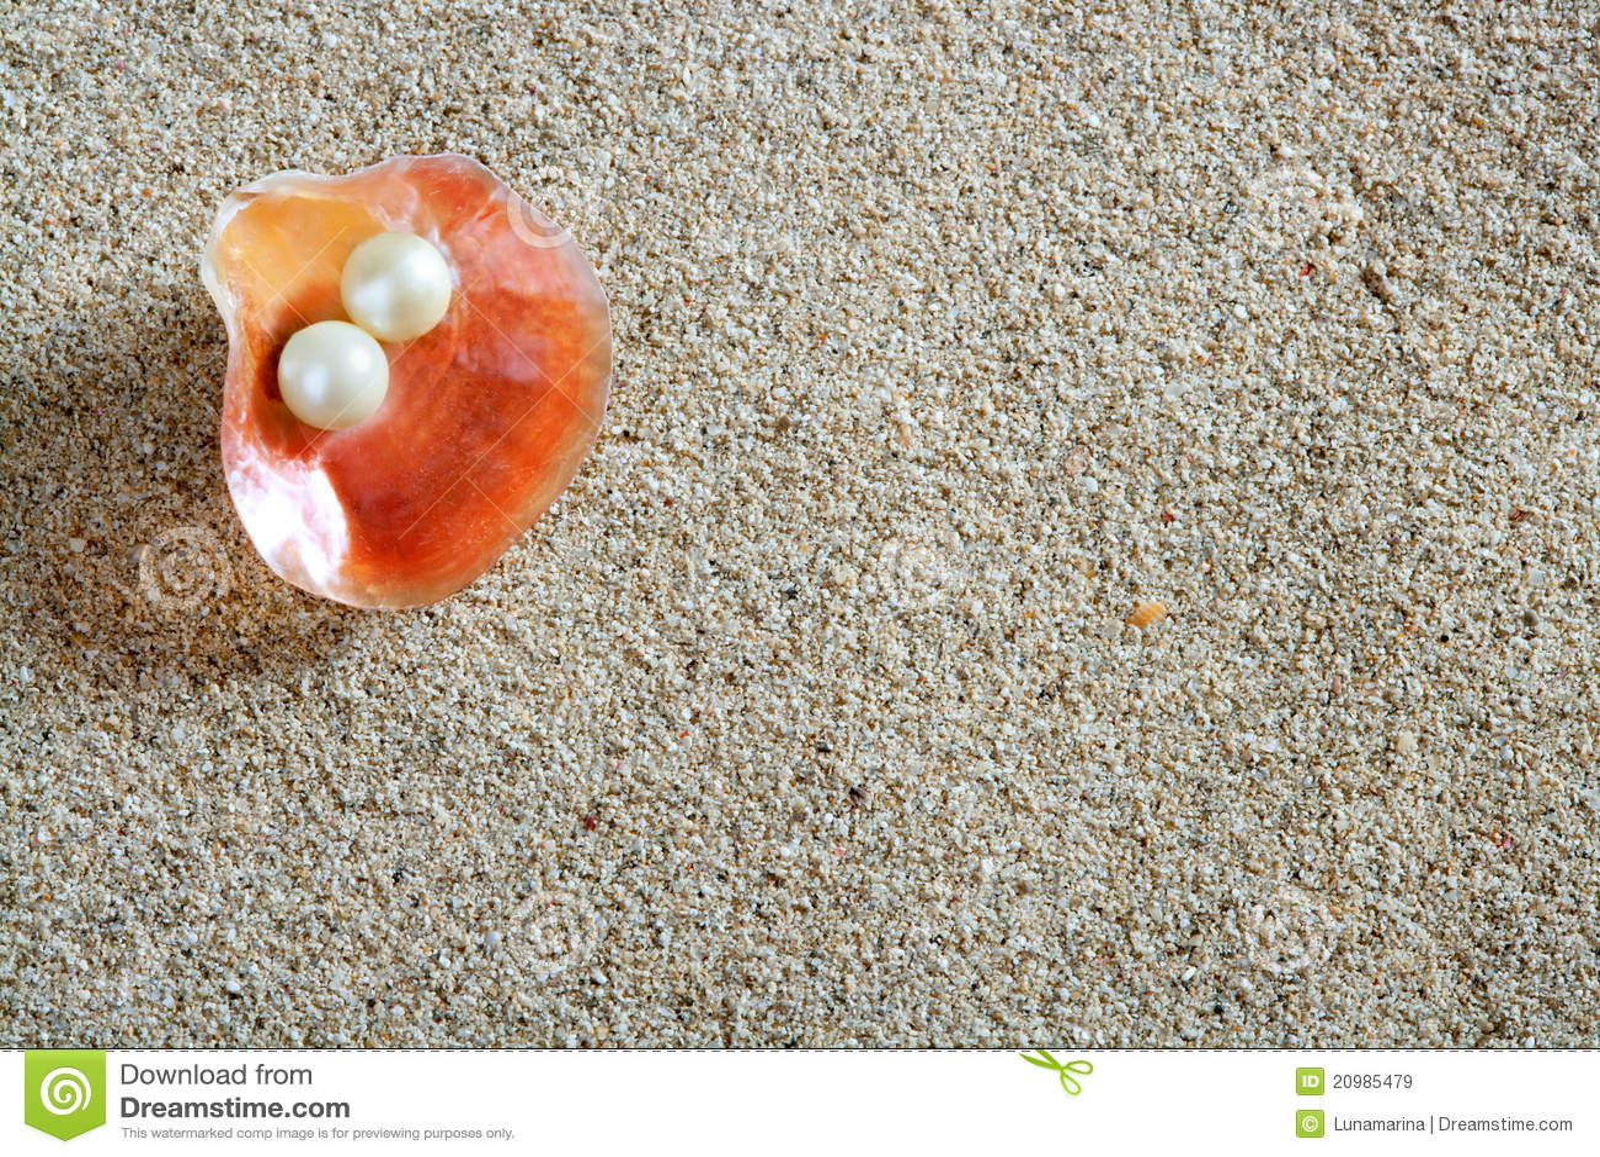 Піски крупним планом 18 фотография